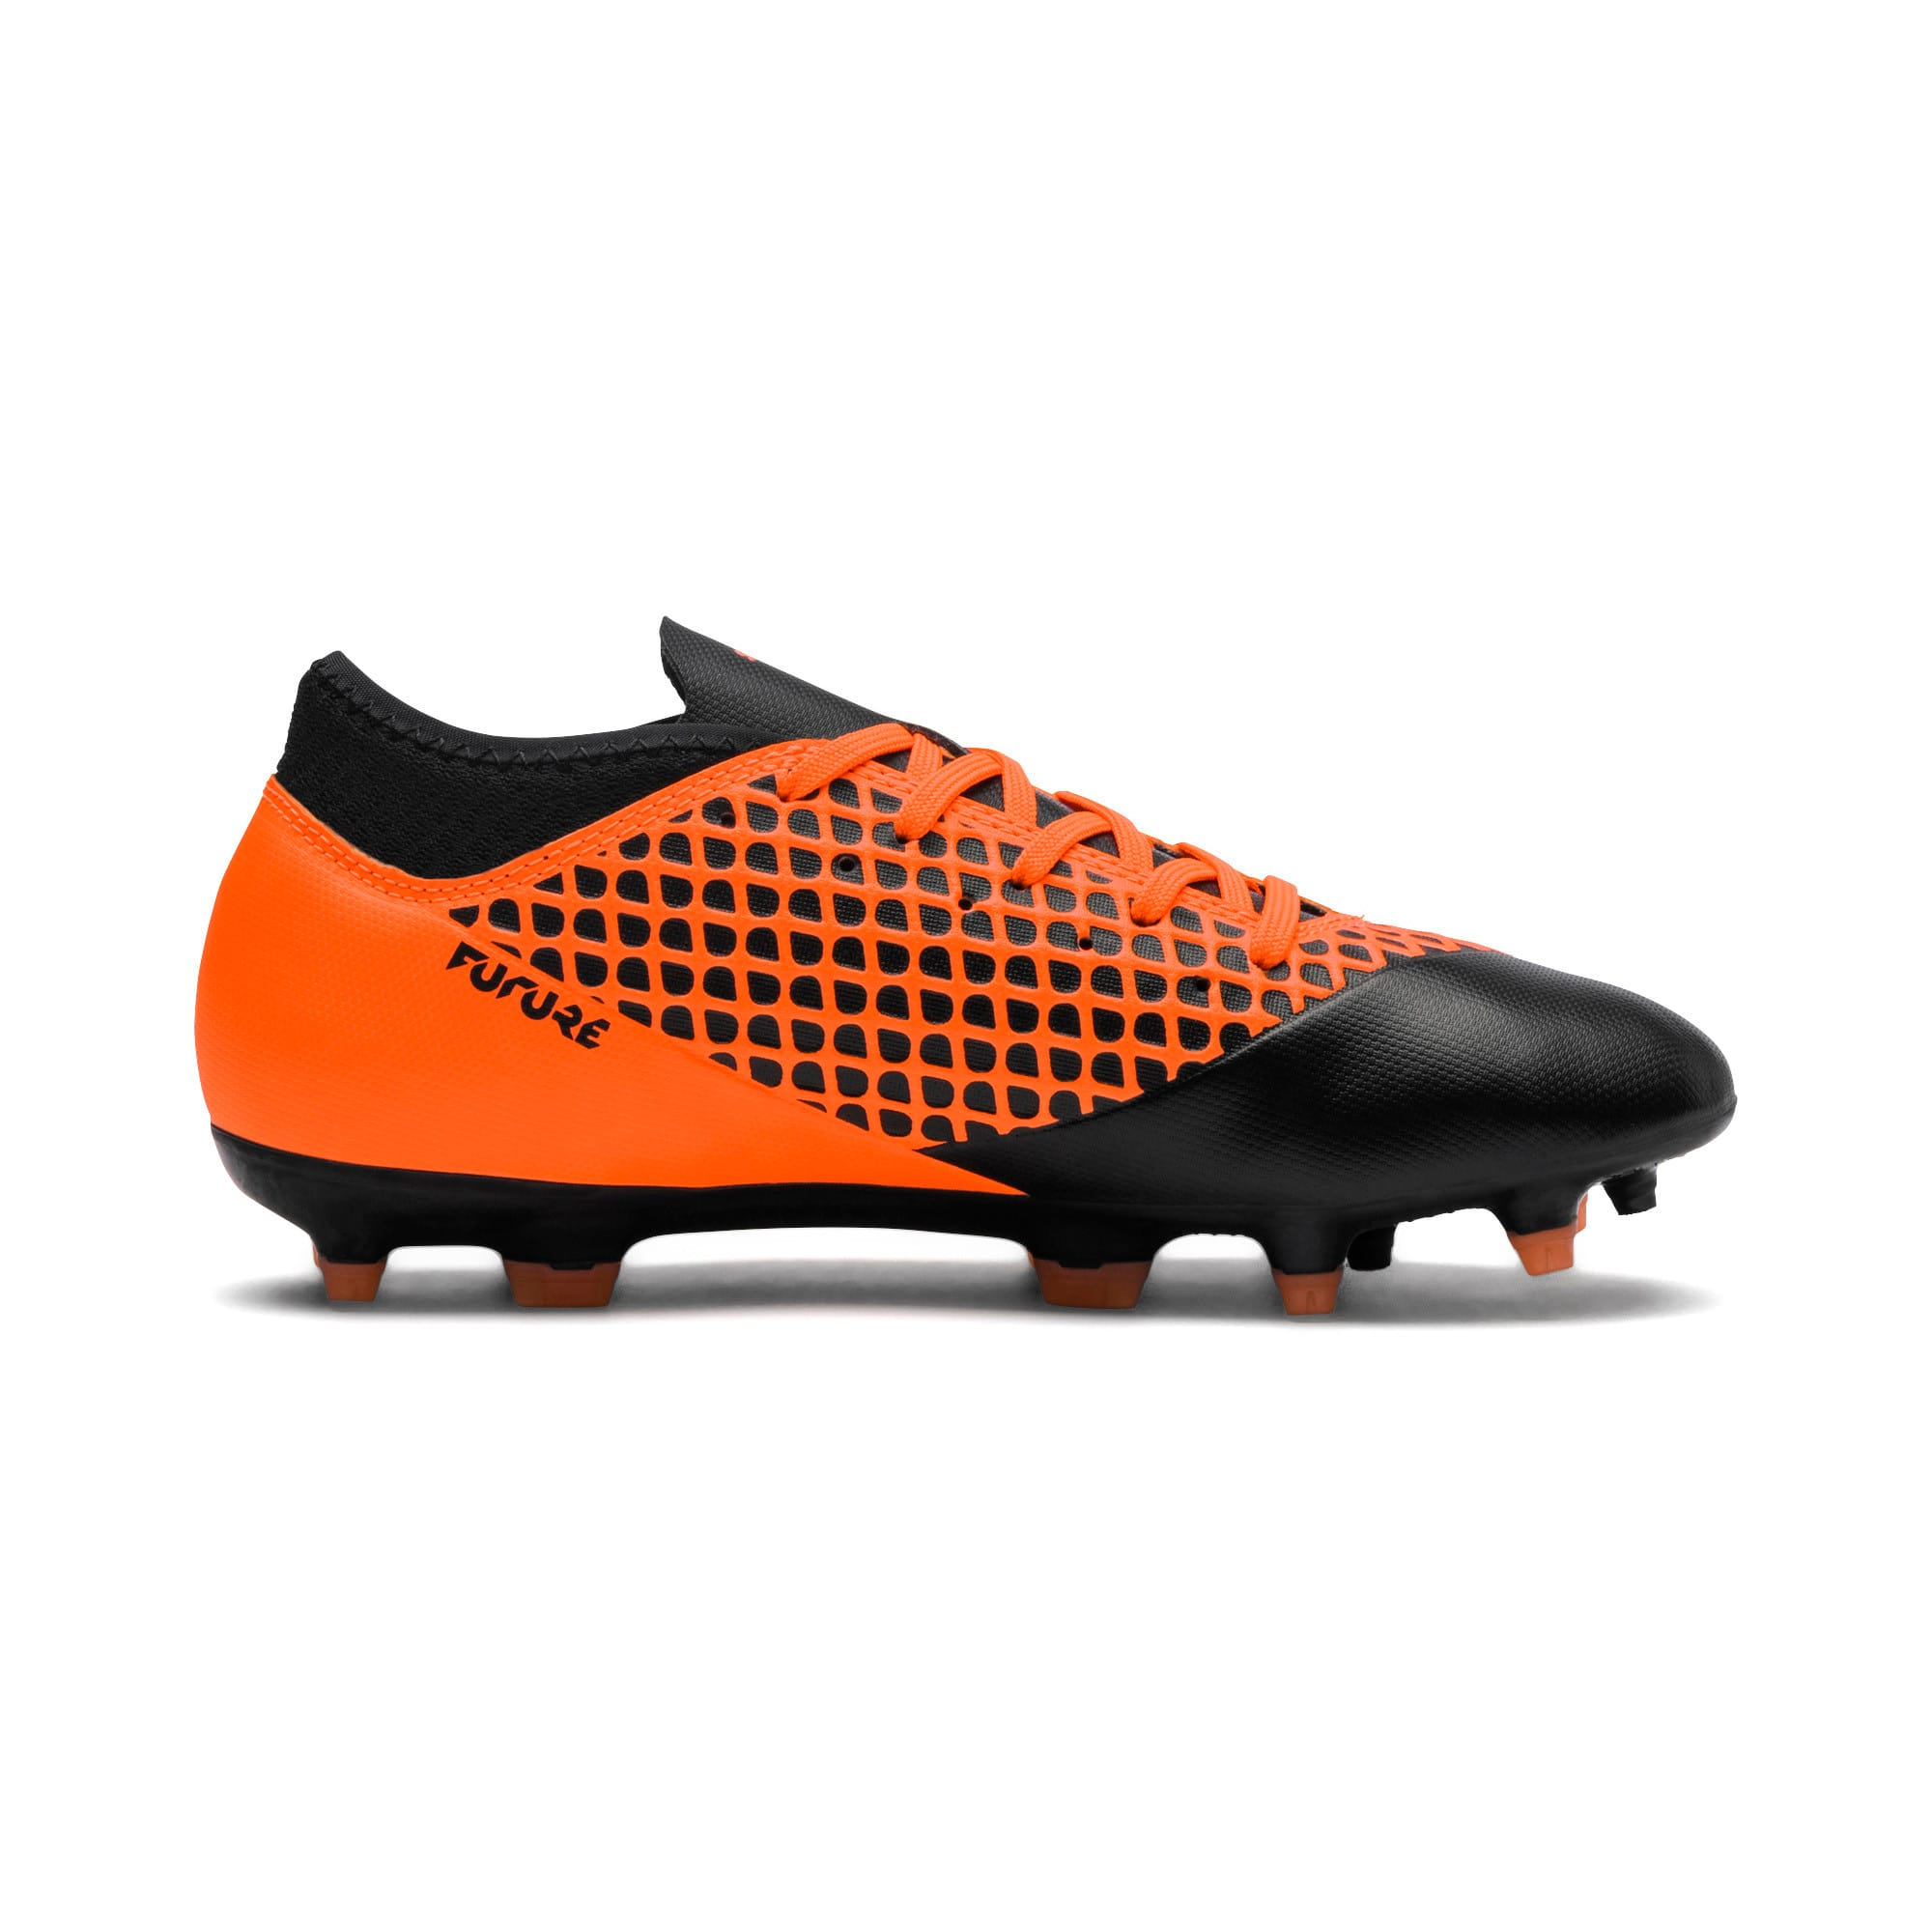 Thumbnail 5 of FUTURE 2.4 FG/AG Kids' Football Boots, Black-Orange, medium-IND